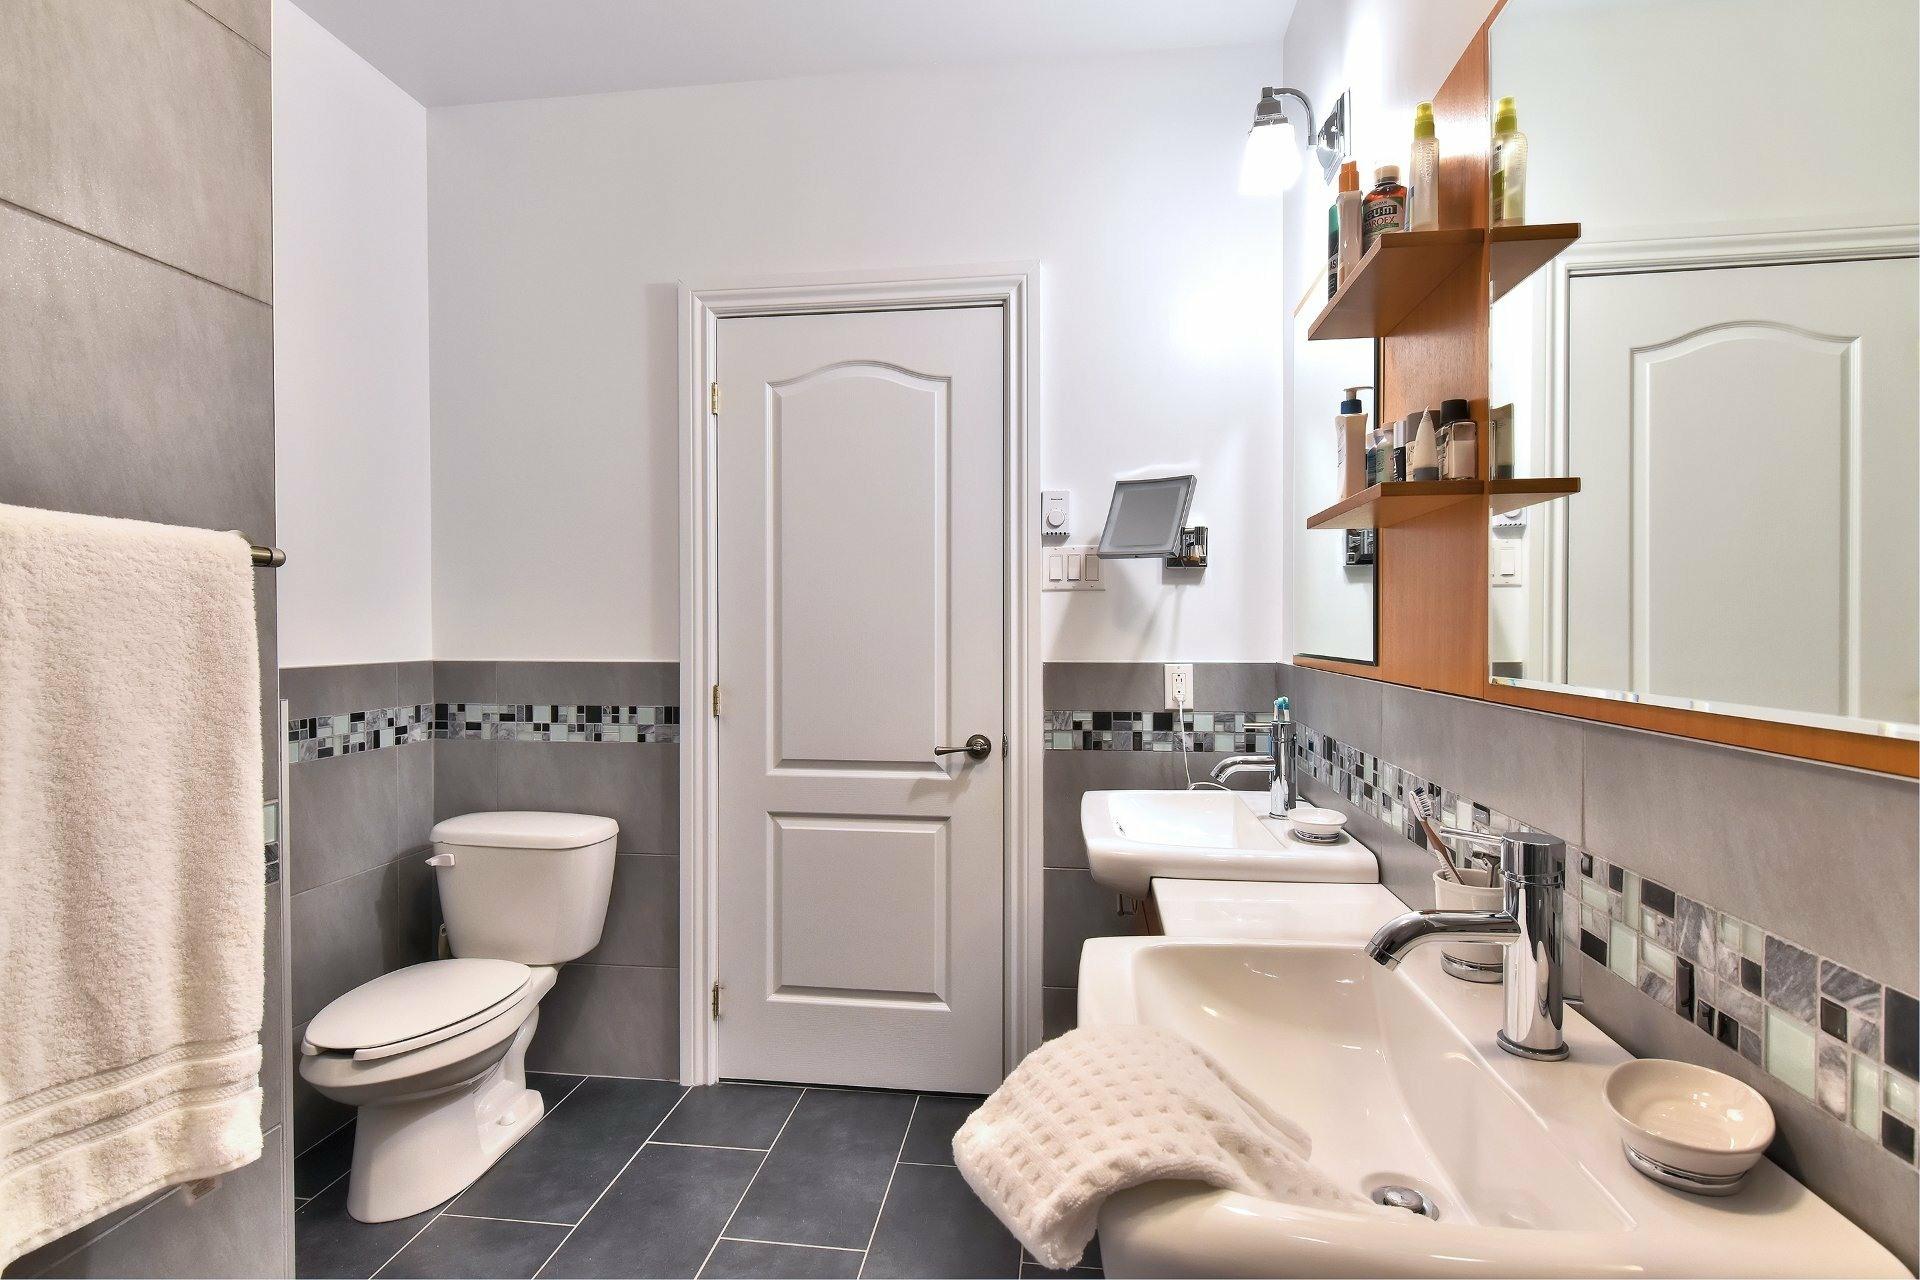 image 15 - Apartment For sale Côte-des-Neiges/Notre-Dame-de-Grâce Montréal  - 6 rooms